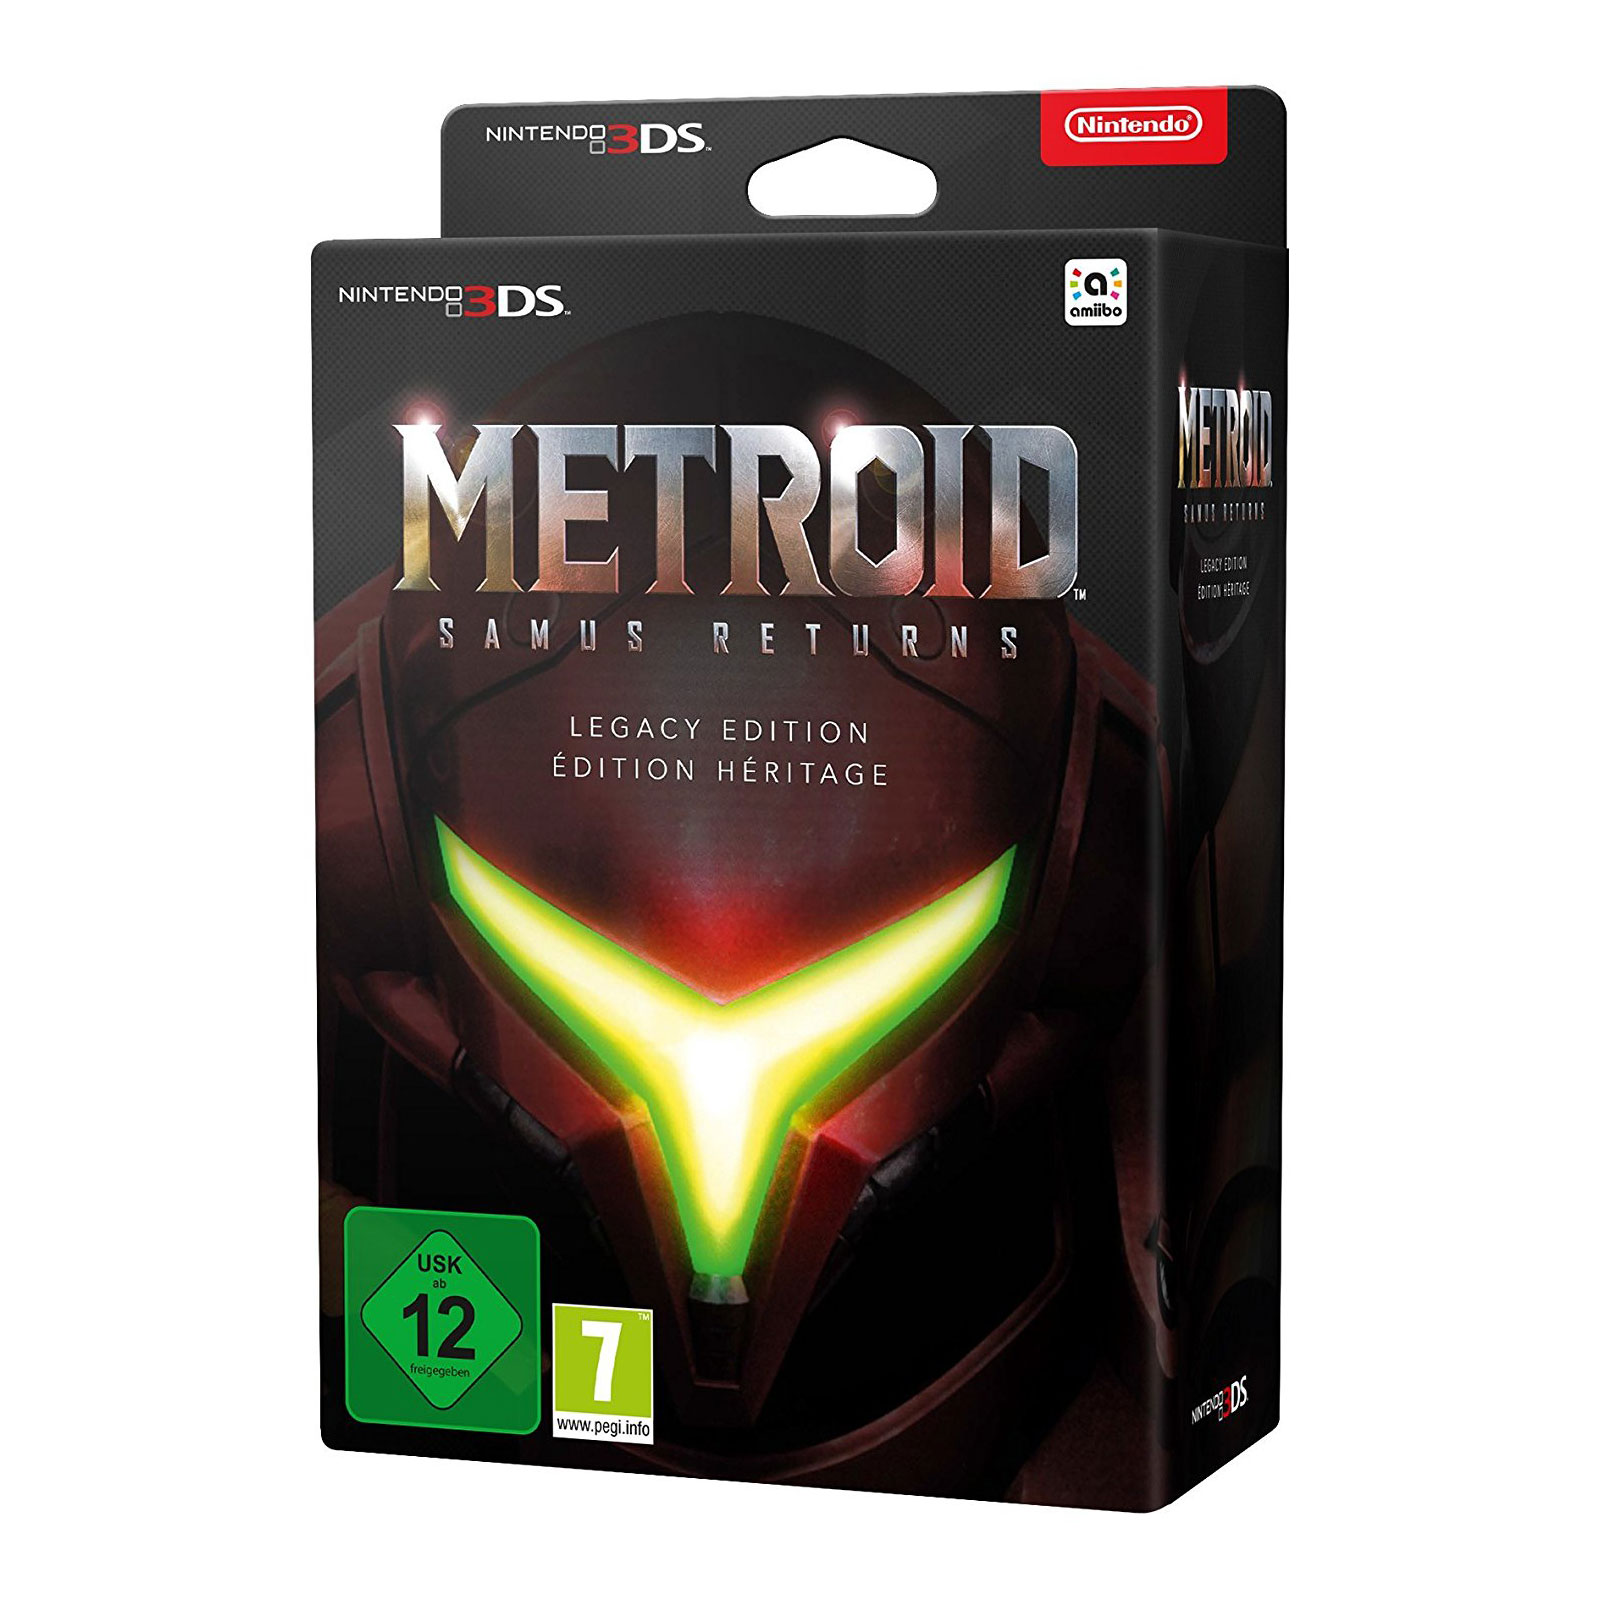 Jeux Nintendo 3DS Metroid: Samus Returns - Edition Héritage (Nintendo 3DS/2DS) Metroid: Samus Returns - Edition Héritage (Nintendo 3DS/2DS)